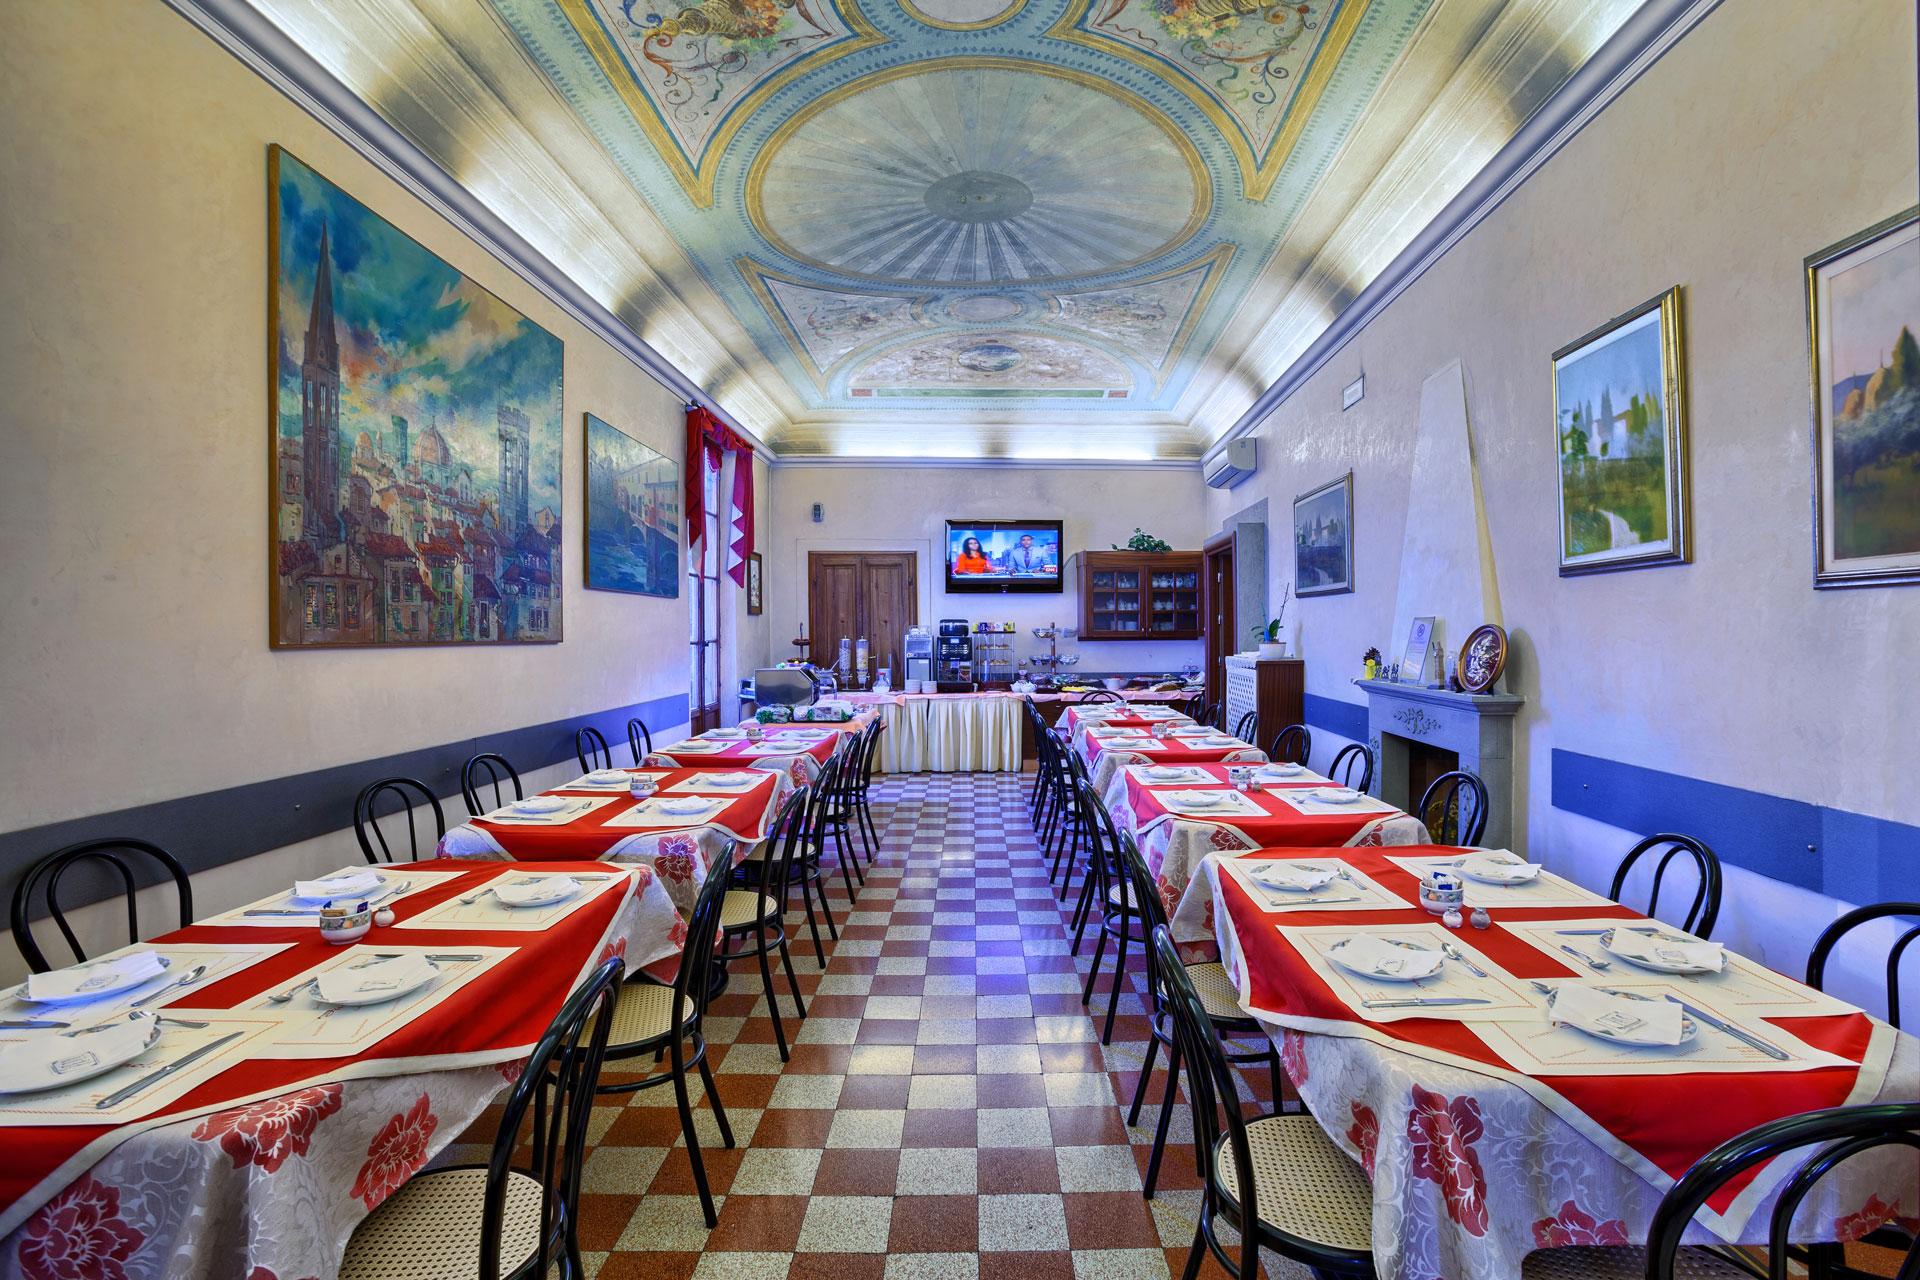 Vacanze a vinci visit italy for Soggiorno a firenze economico